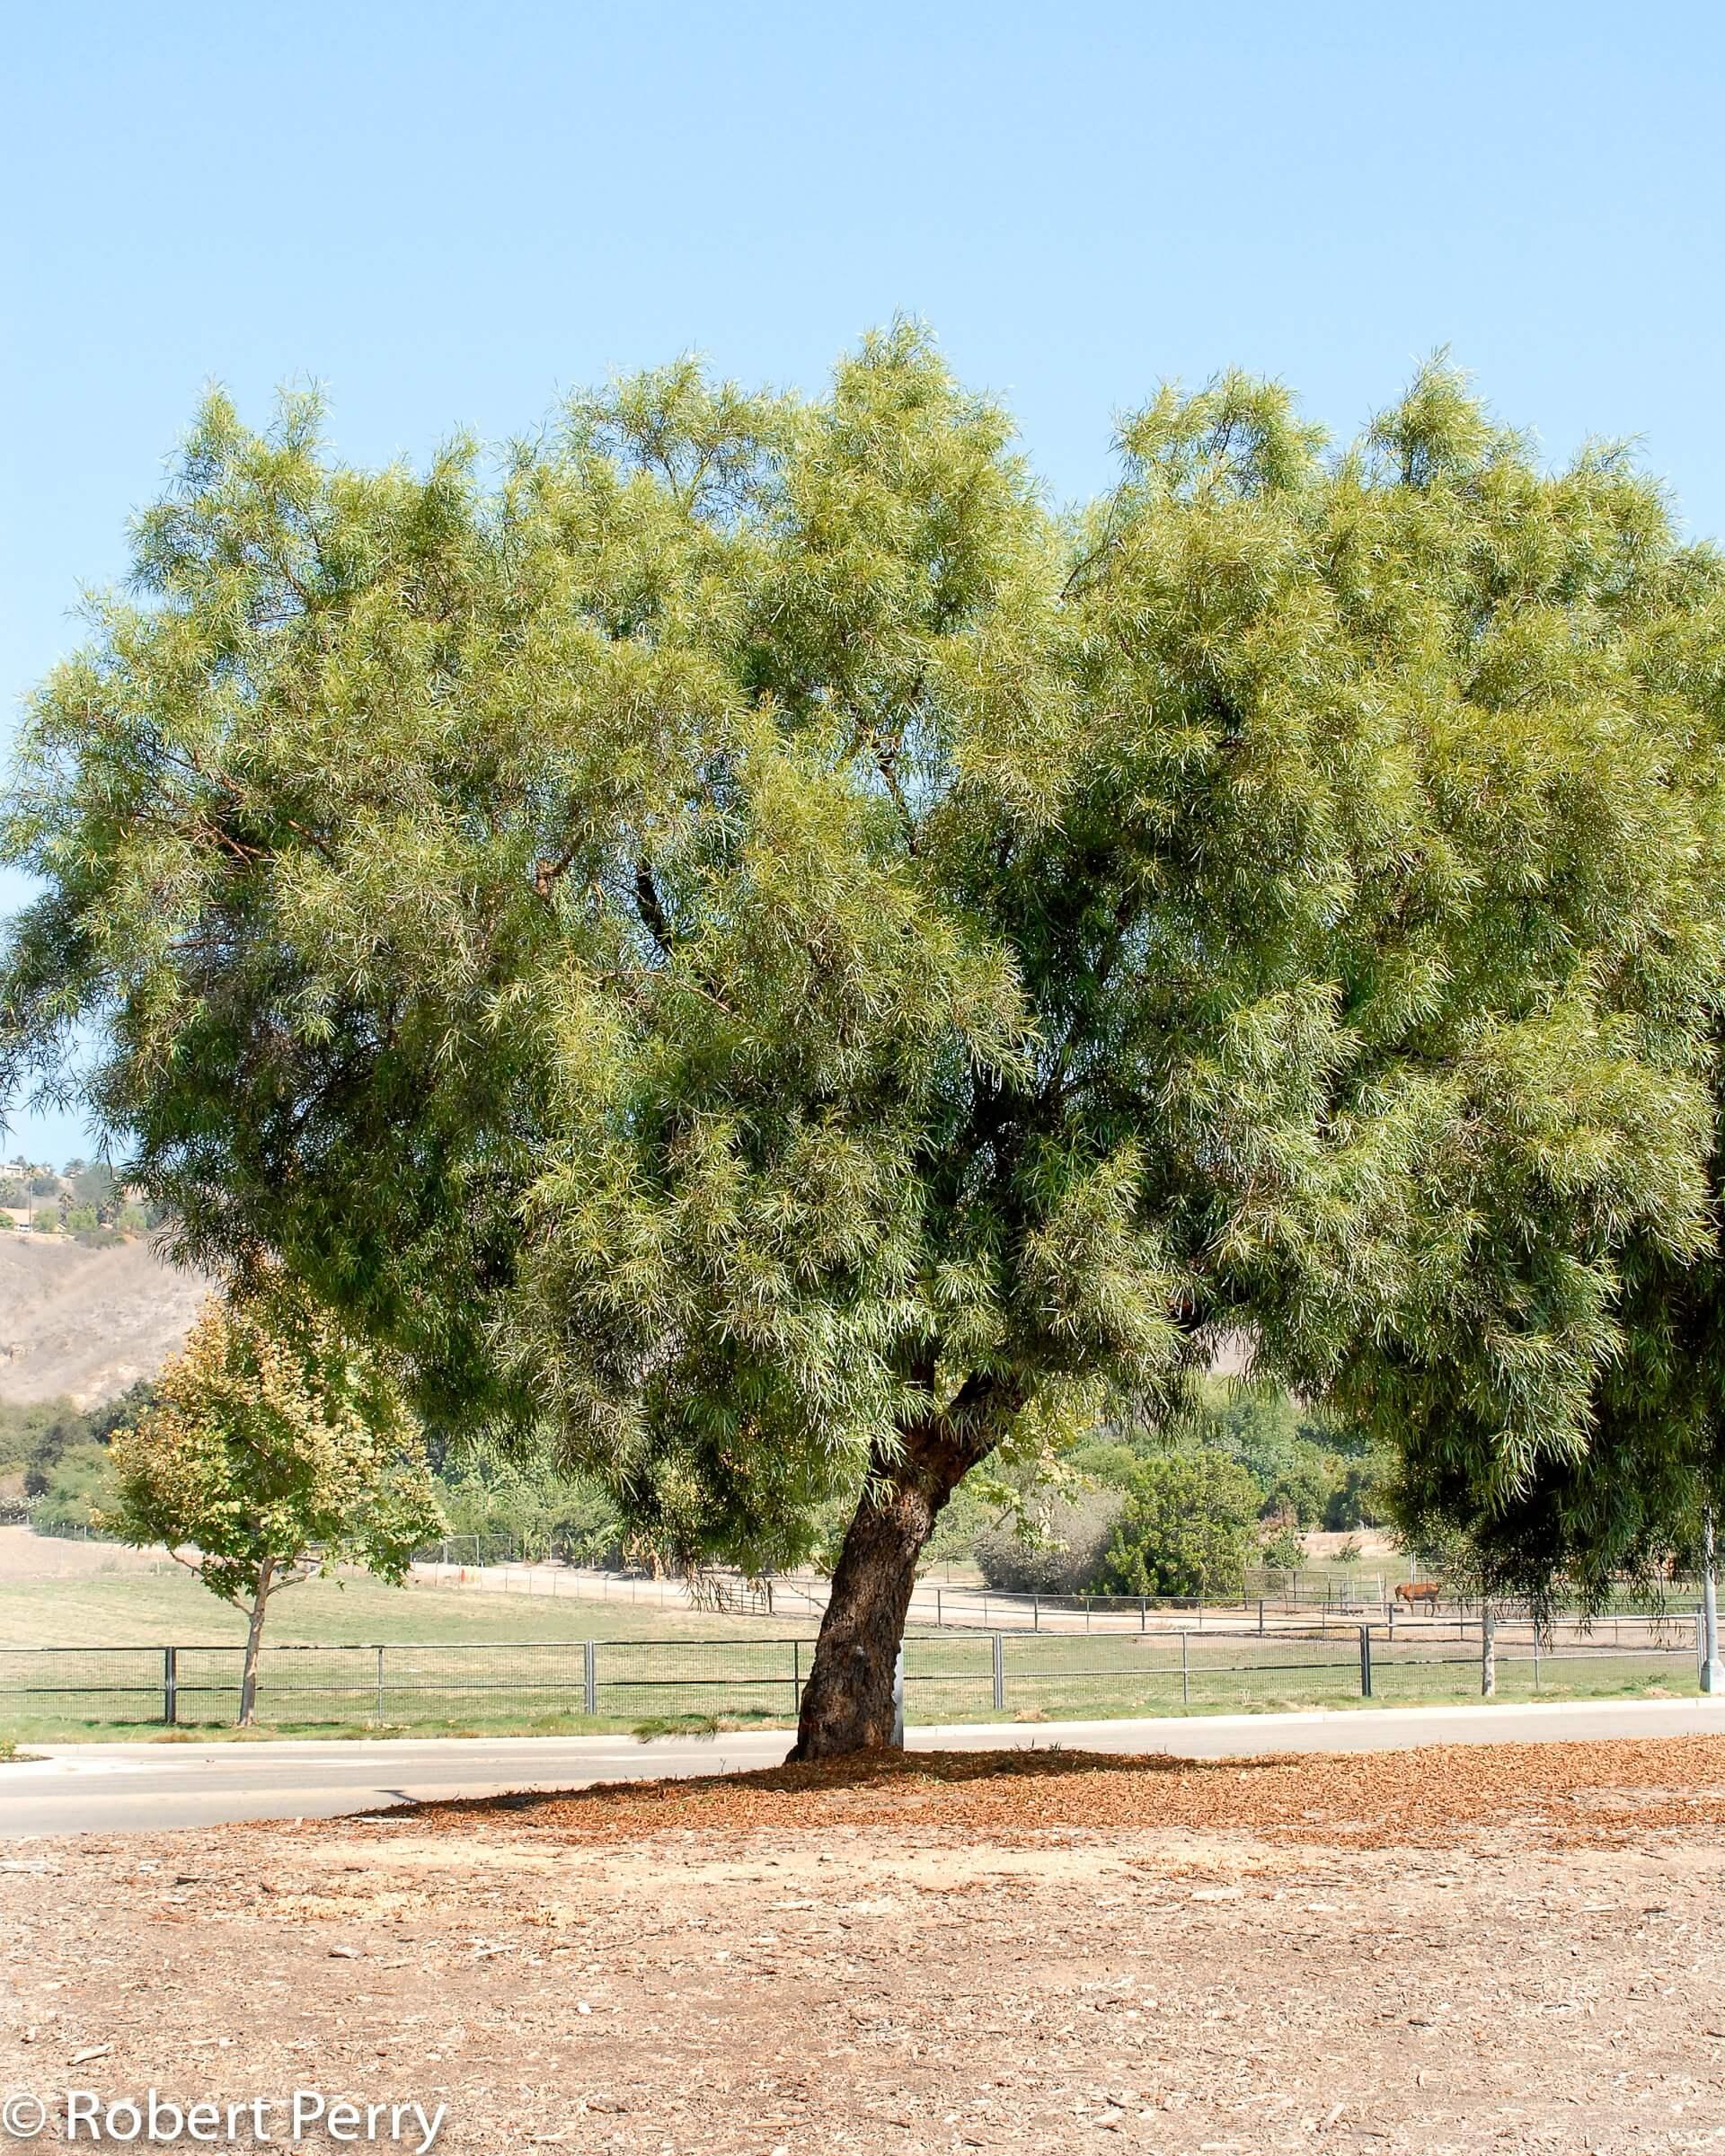 African Sumac (Rhus lancea)